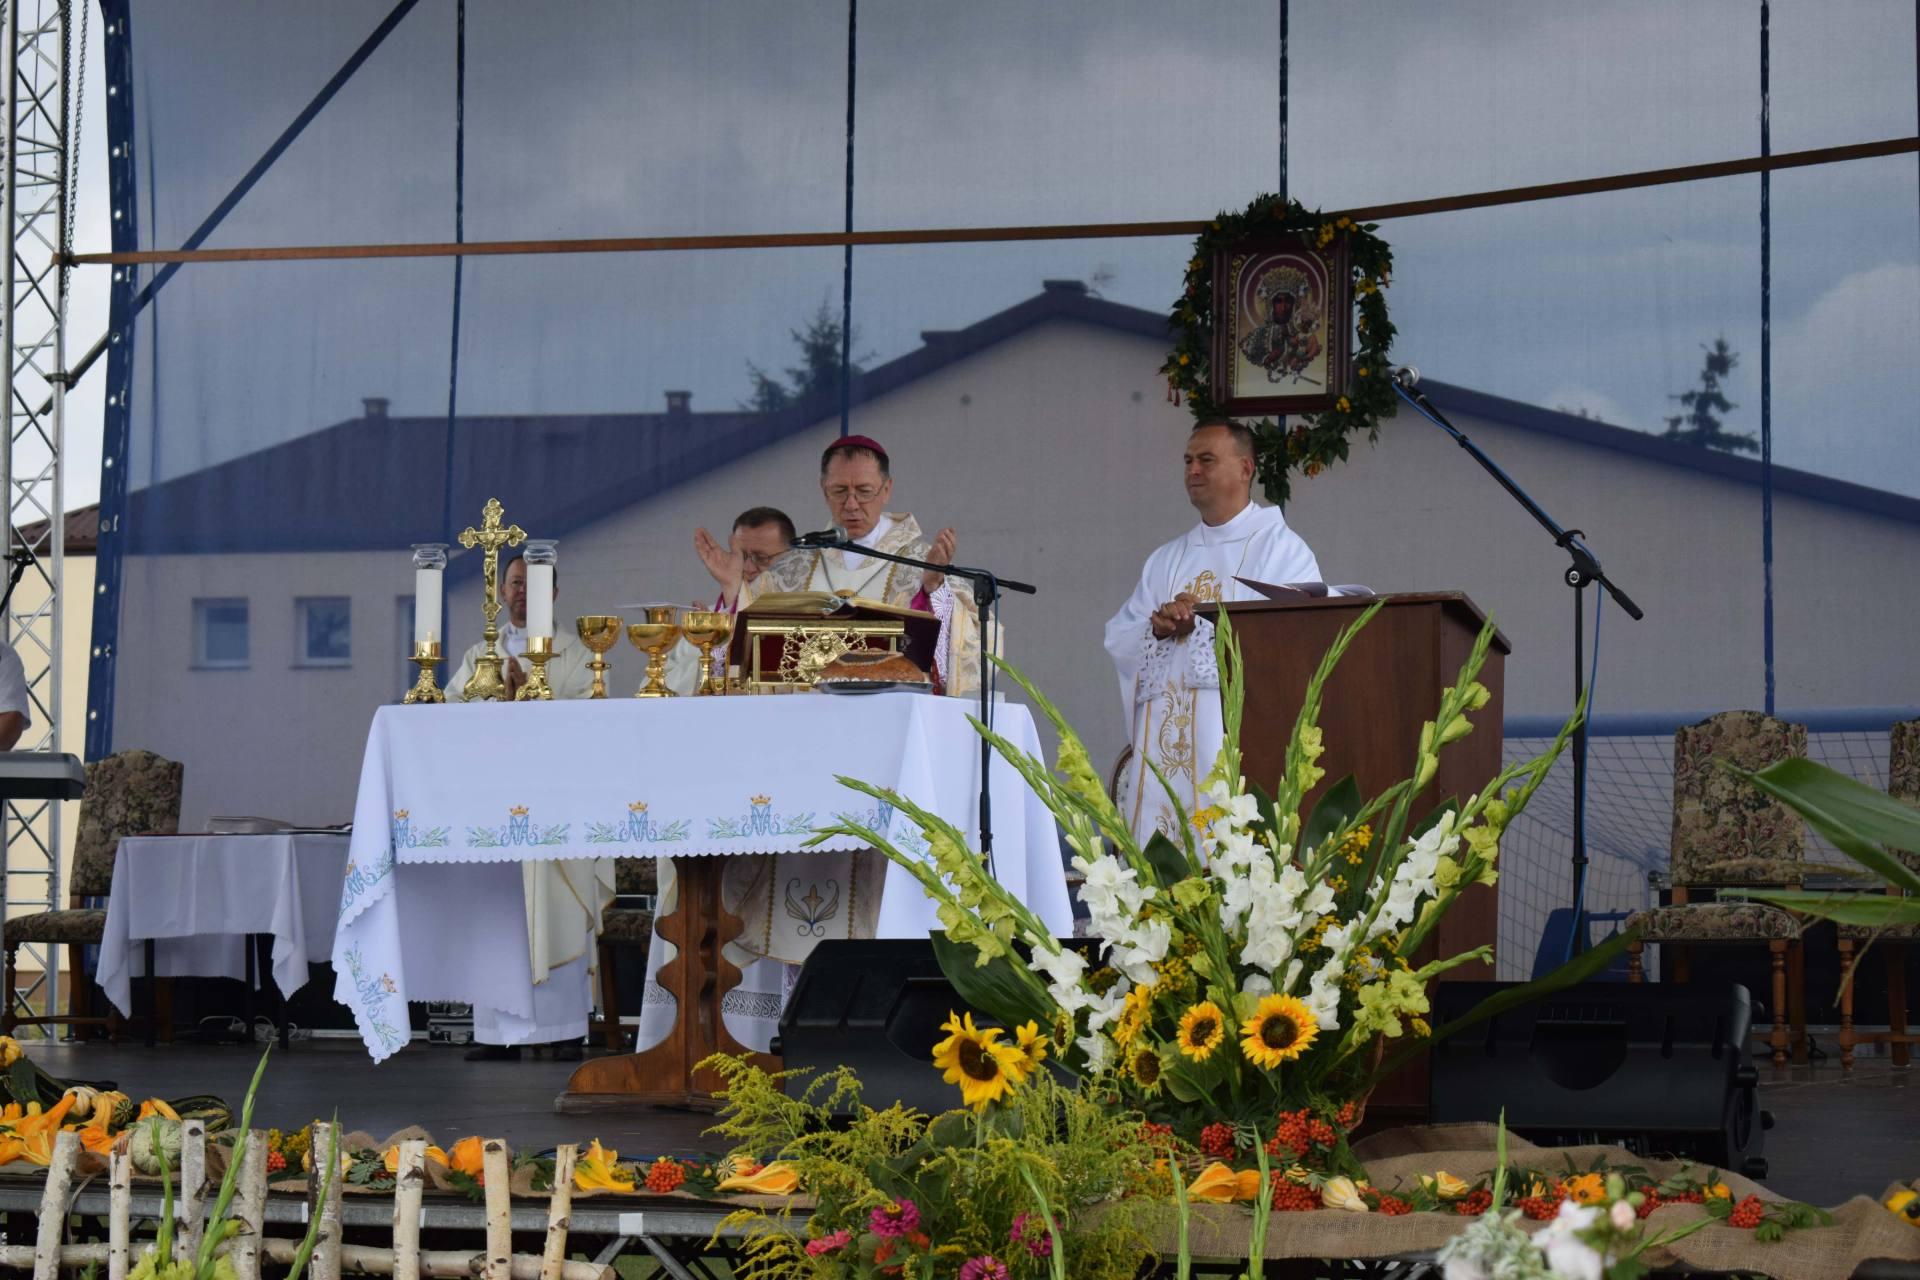 dsc 0268 23 sierpnia odbyły się Dożynki Powiatowo-Gminne w Łabuniach. Publikujemy zdjęcia